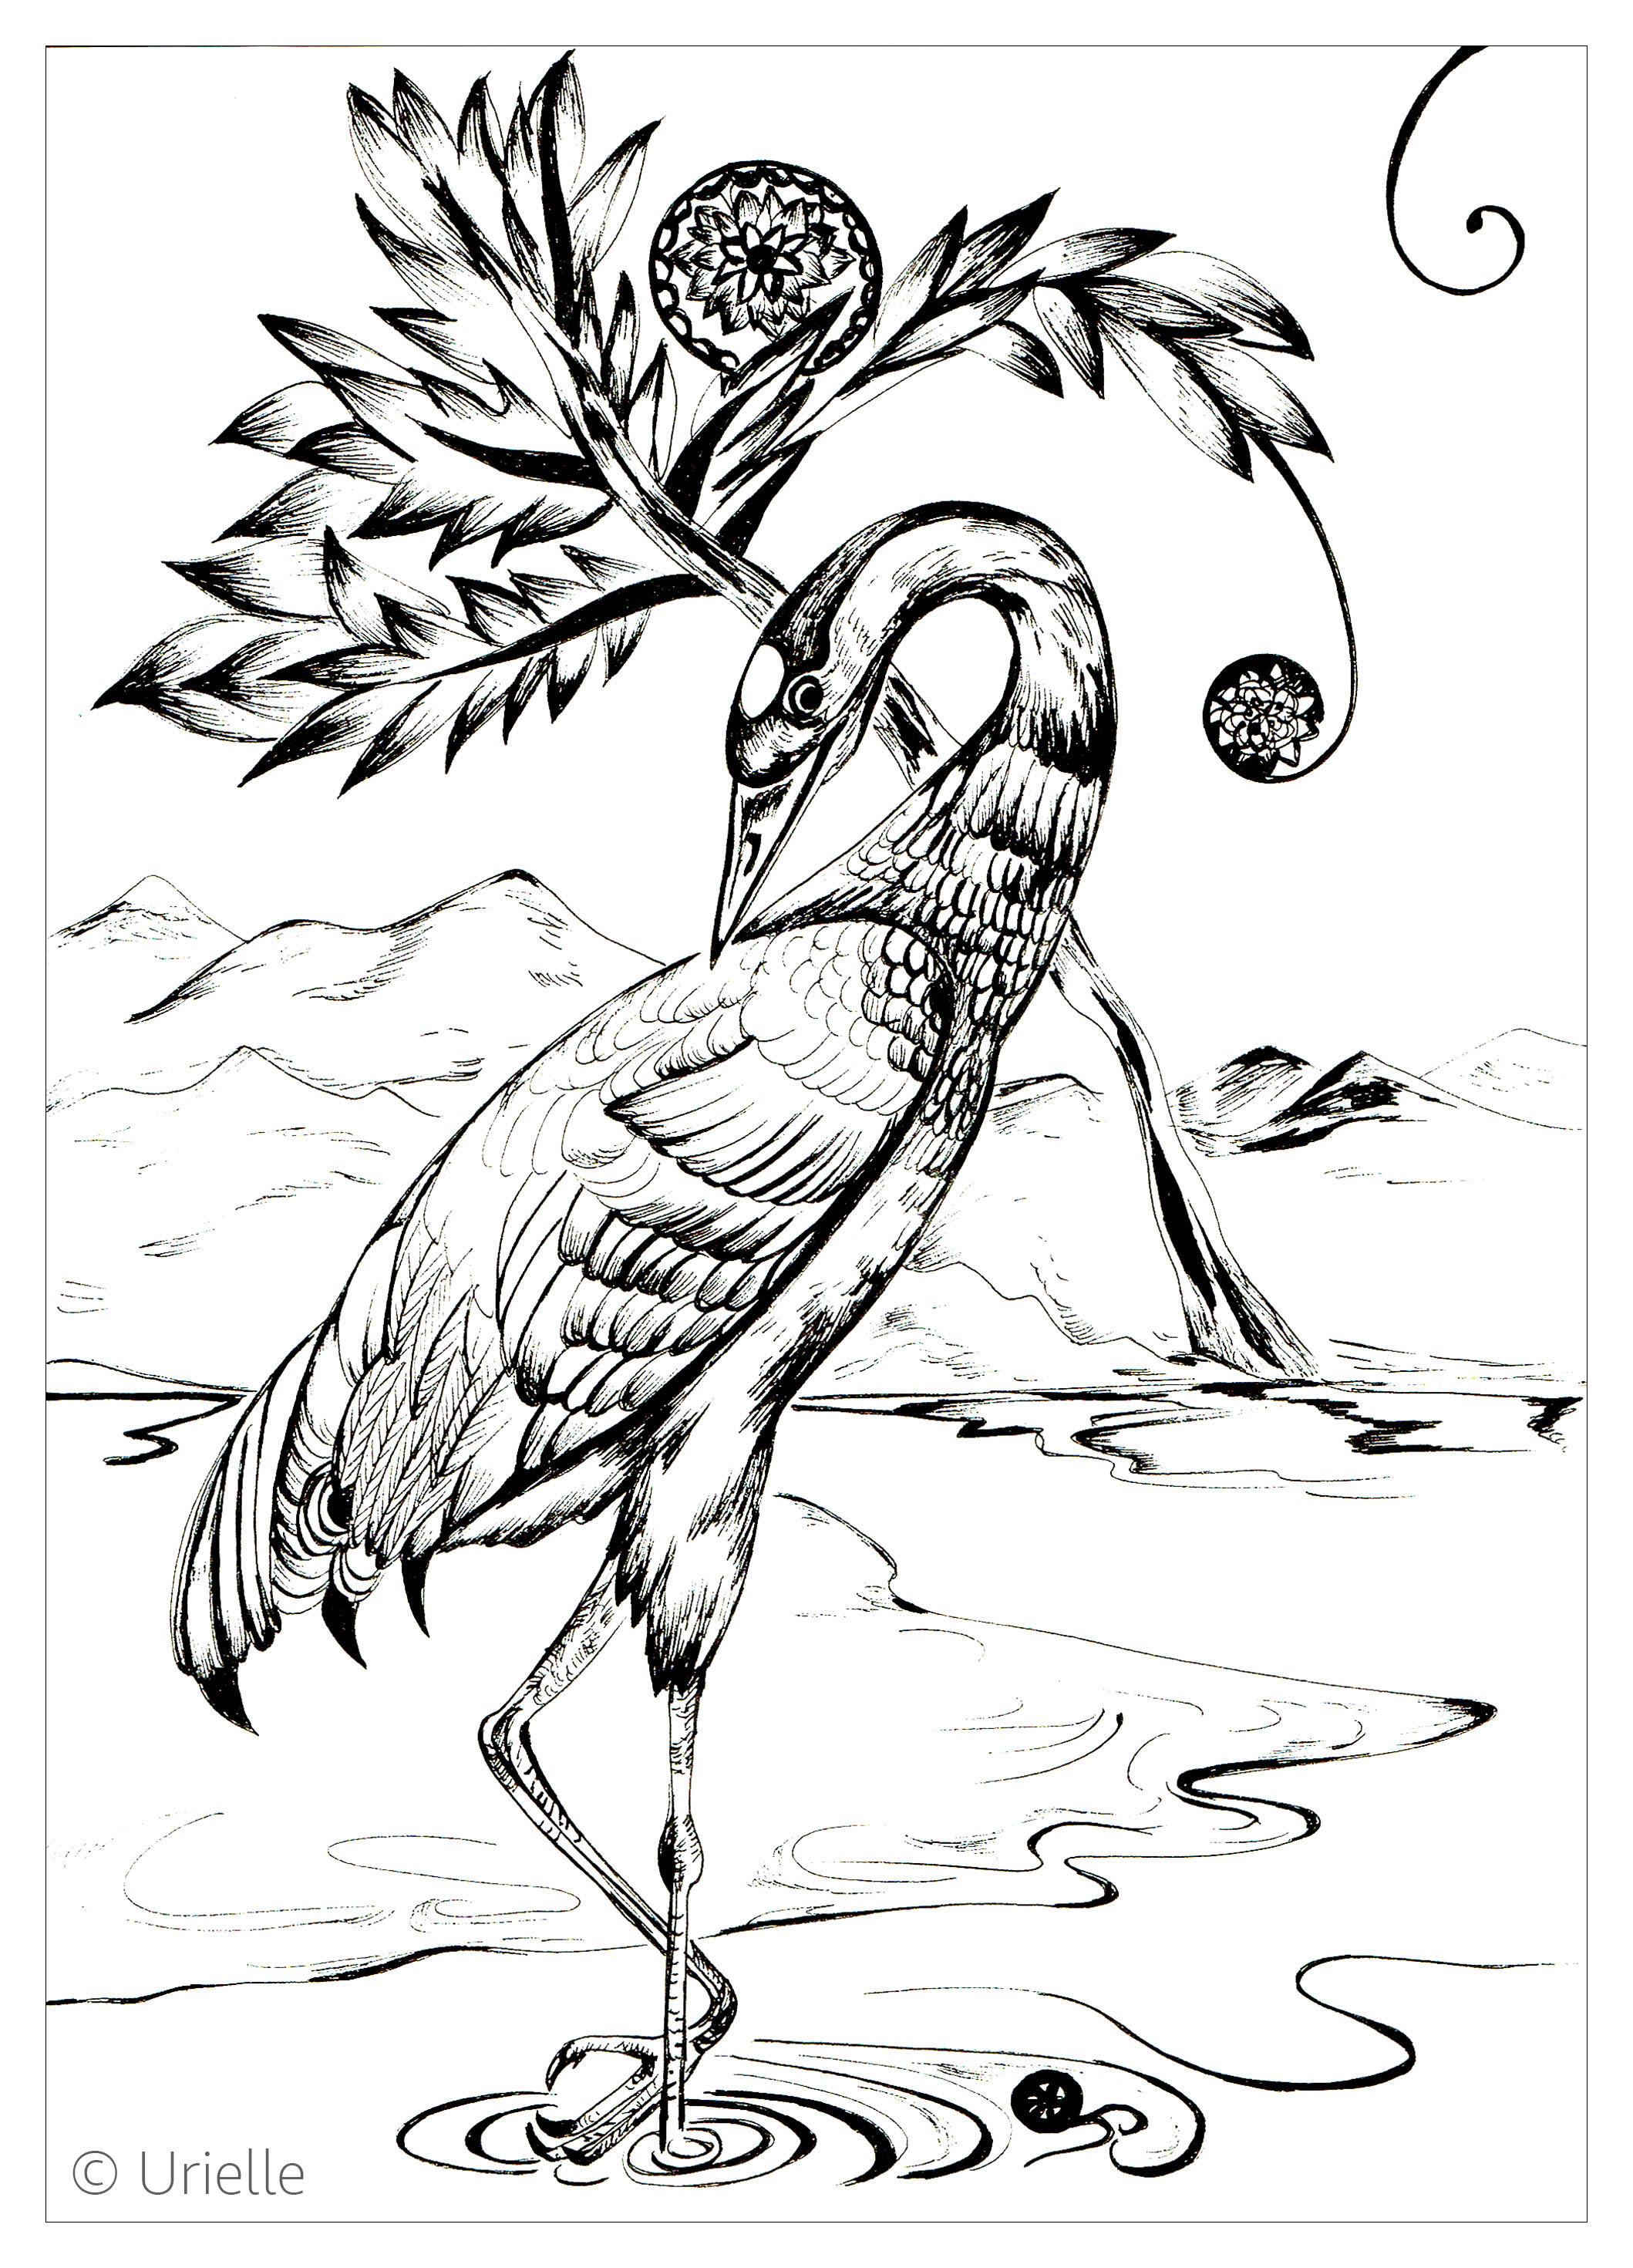 Aves 33098 - Aves - Colorear para Adultos